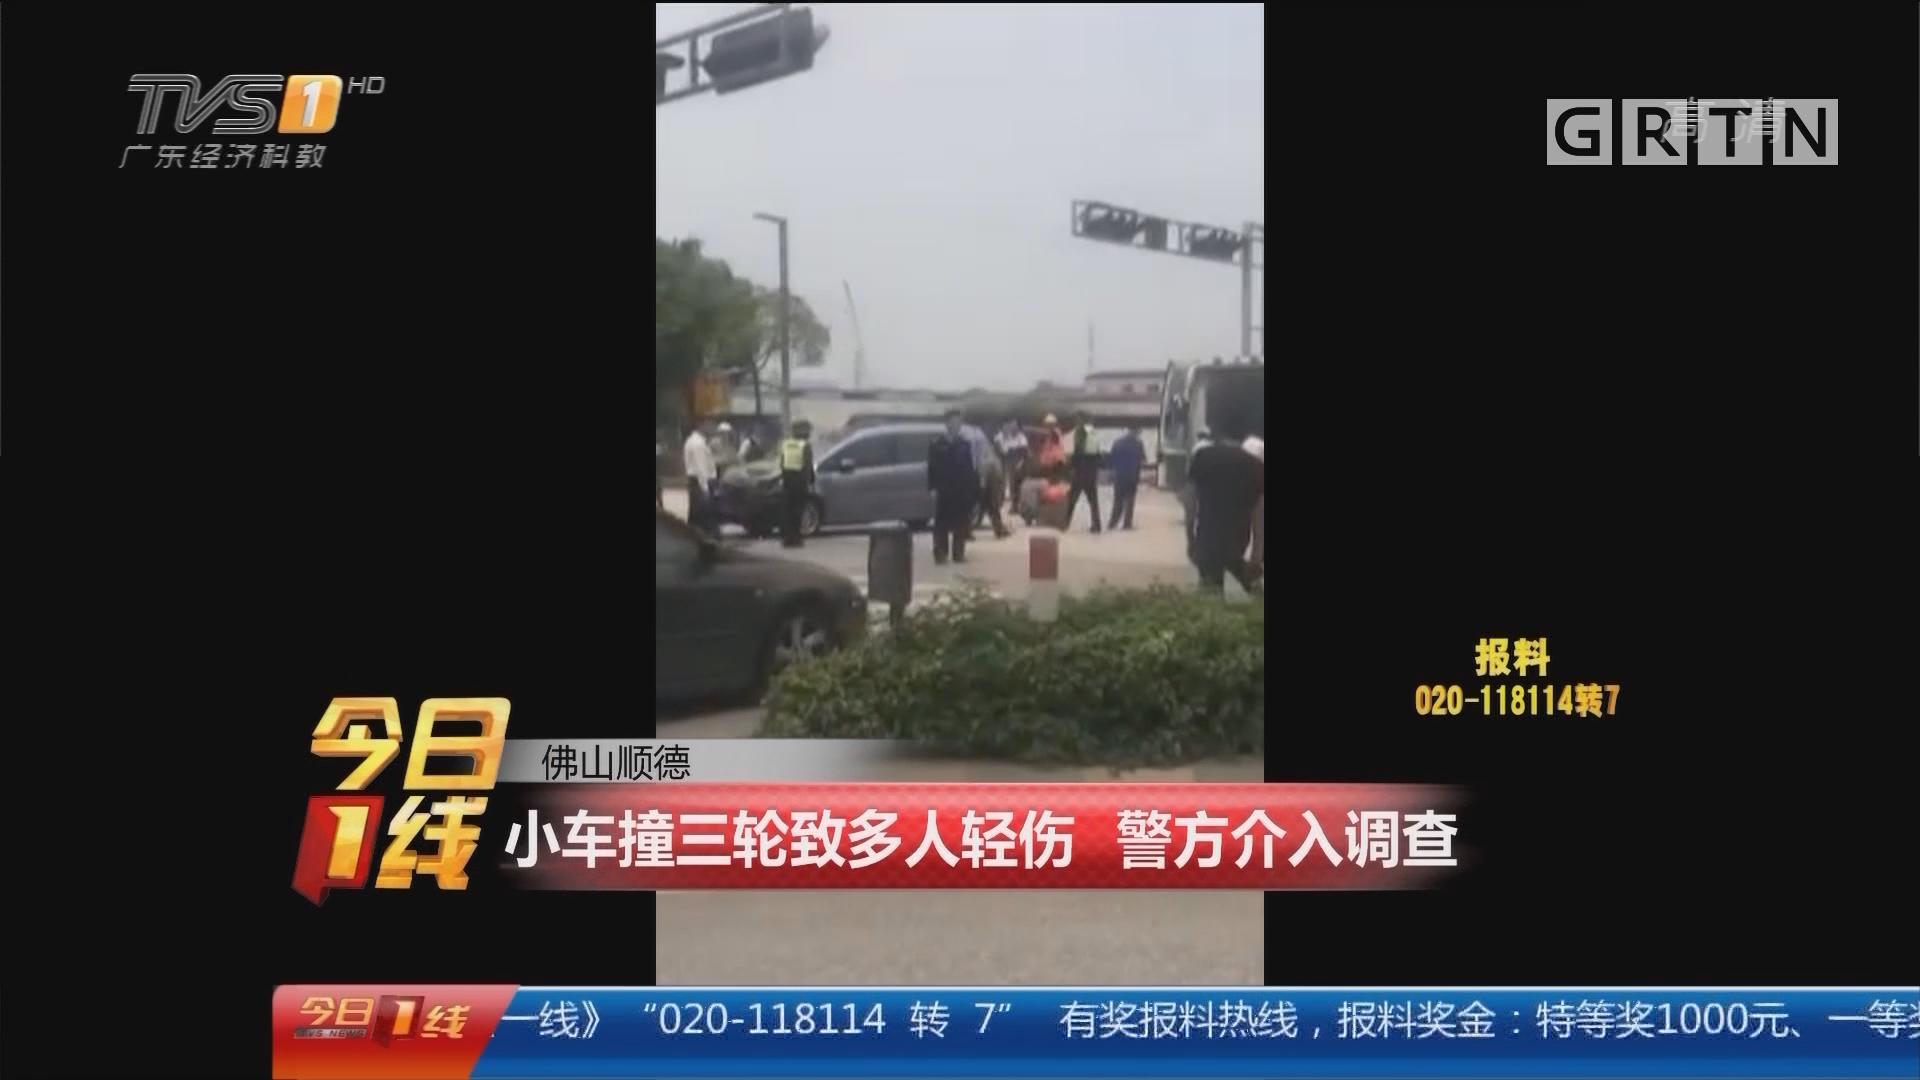 佛山顺德:小车撞三轮致多人轻伤 警方介入调查